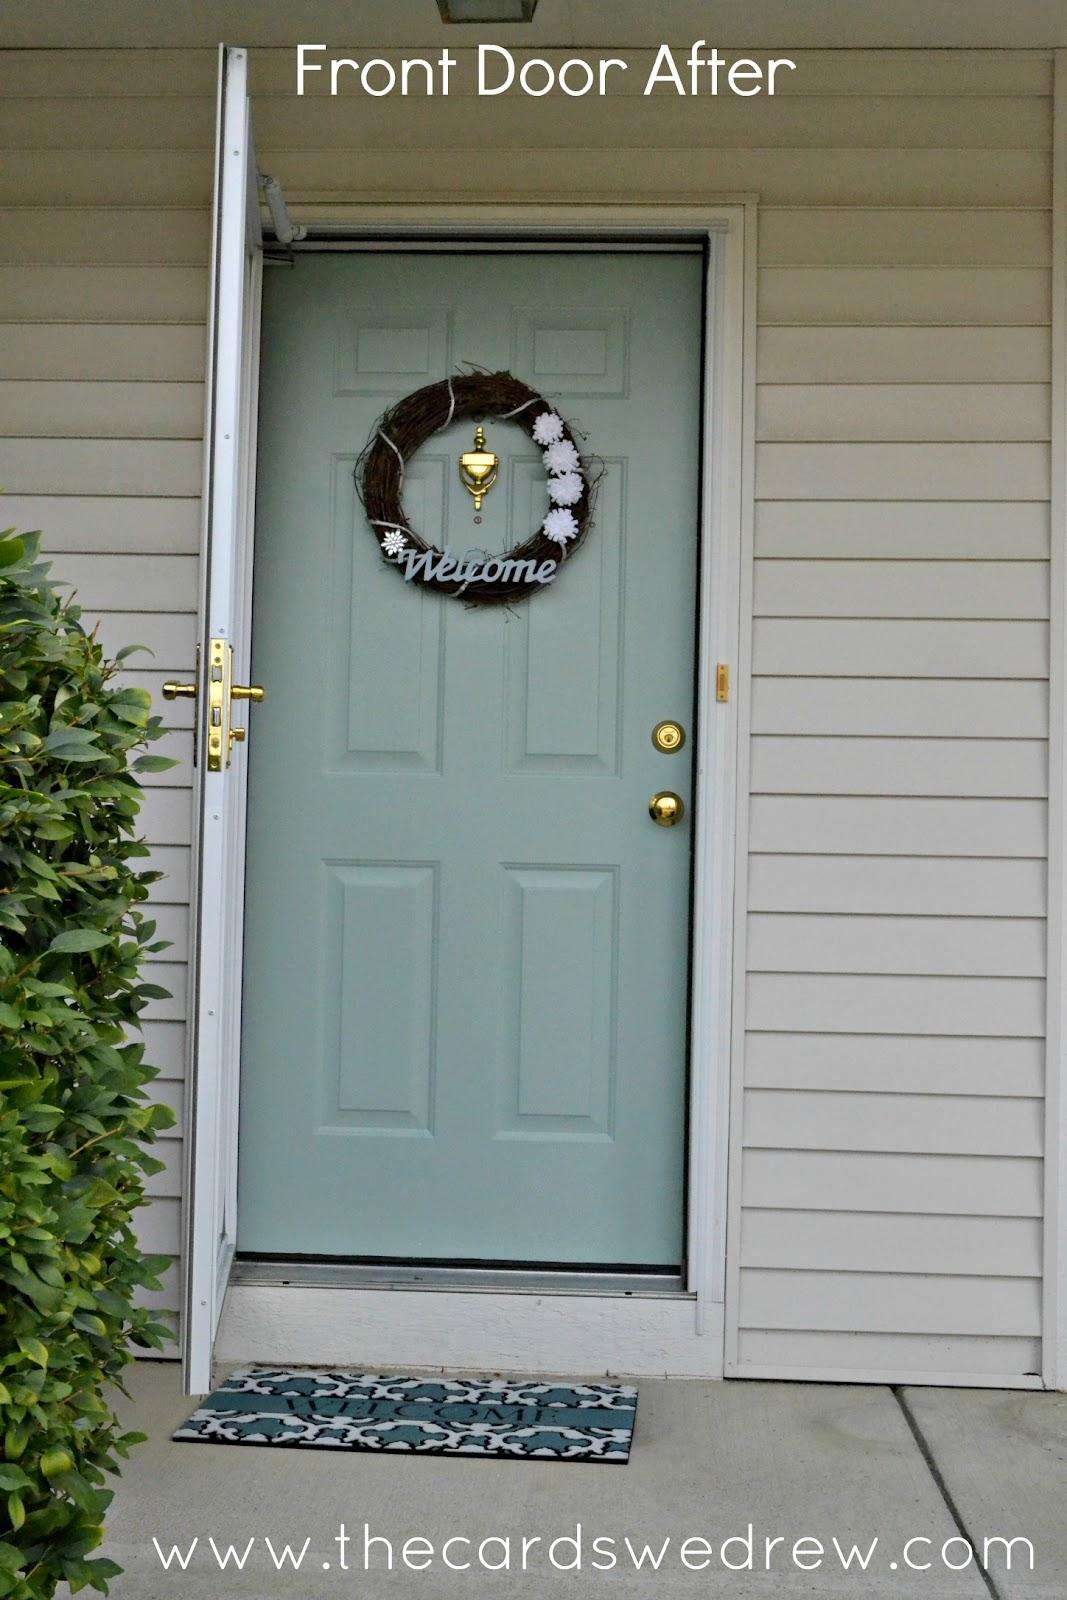 1600 #4C5E34 Front Door Color! Soo Pretty!!! Irwin Road Pinterest wallpaper Colors Of Front Doors 47251067